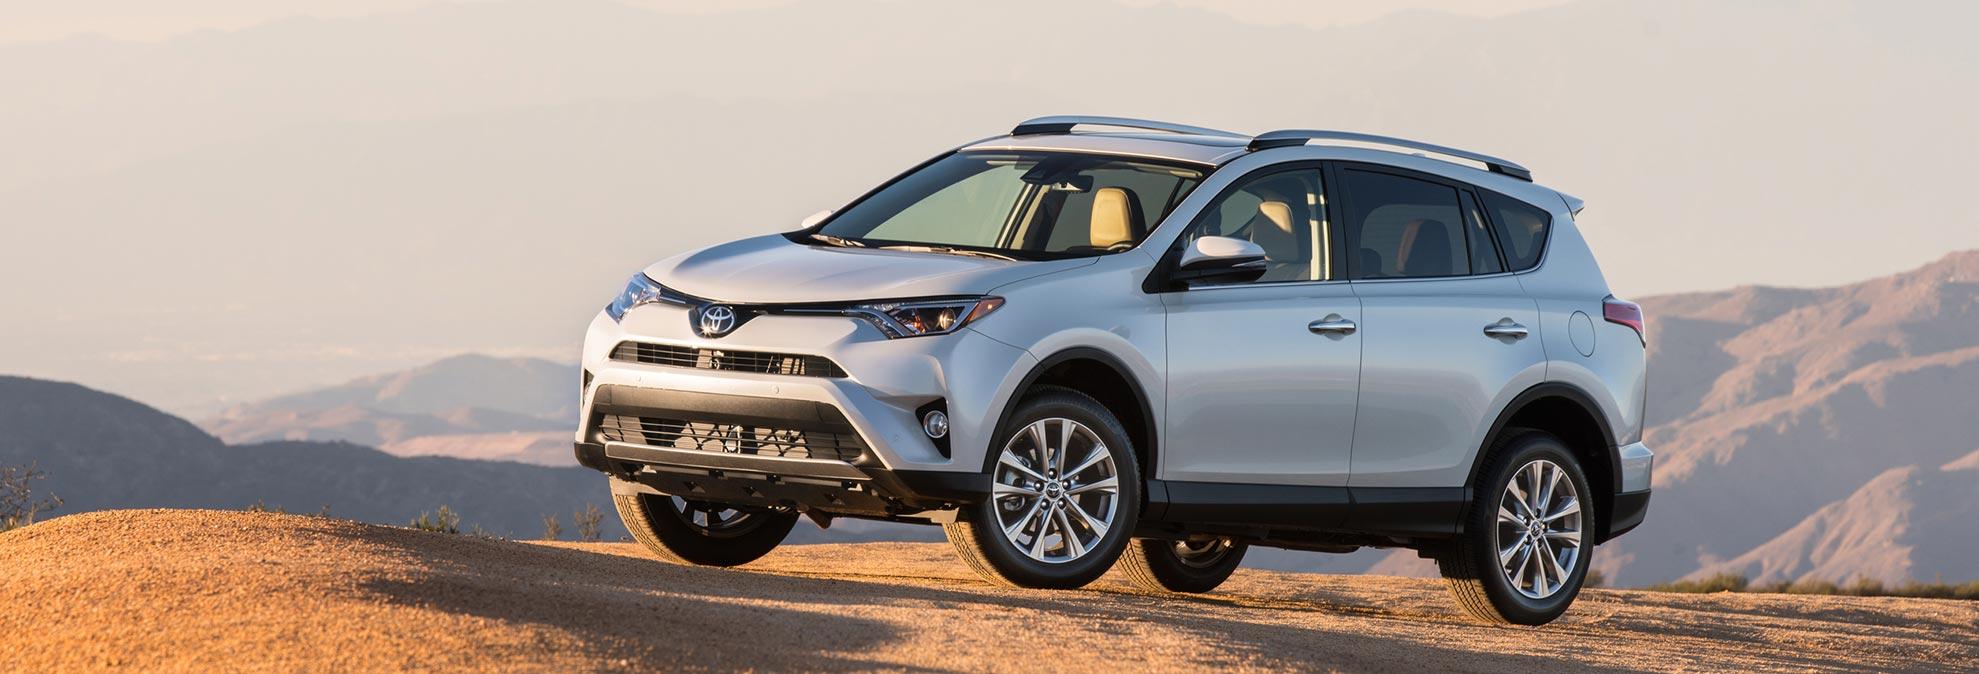 Honda Cr V Vs Toyota Rav4 Which Should You Buy Consumer Reports